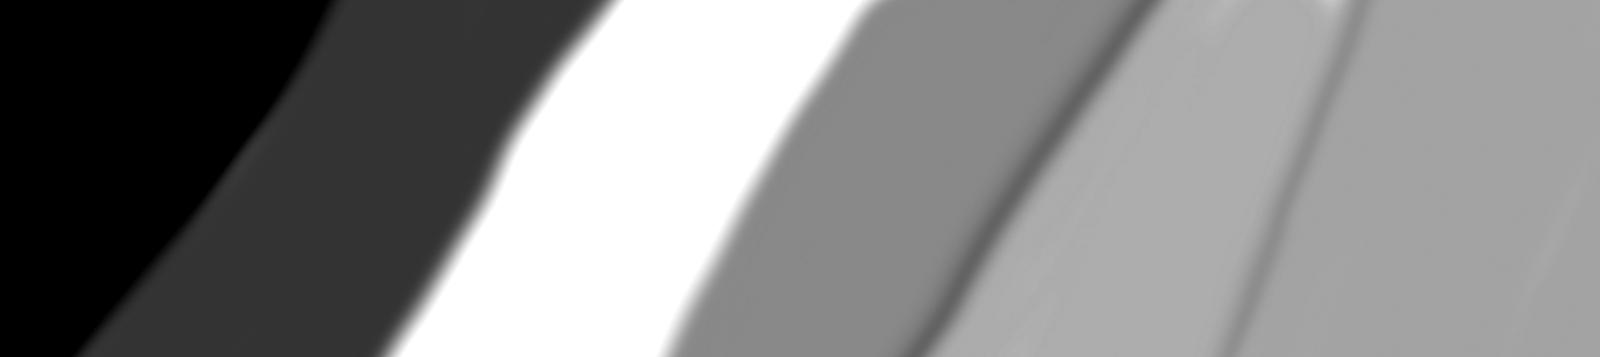 Шаблон для прочистки принтера чёрно-белый